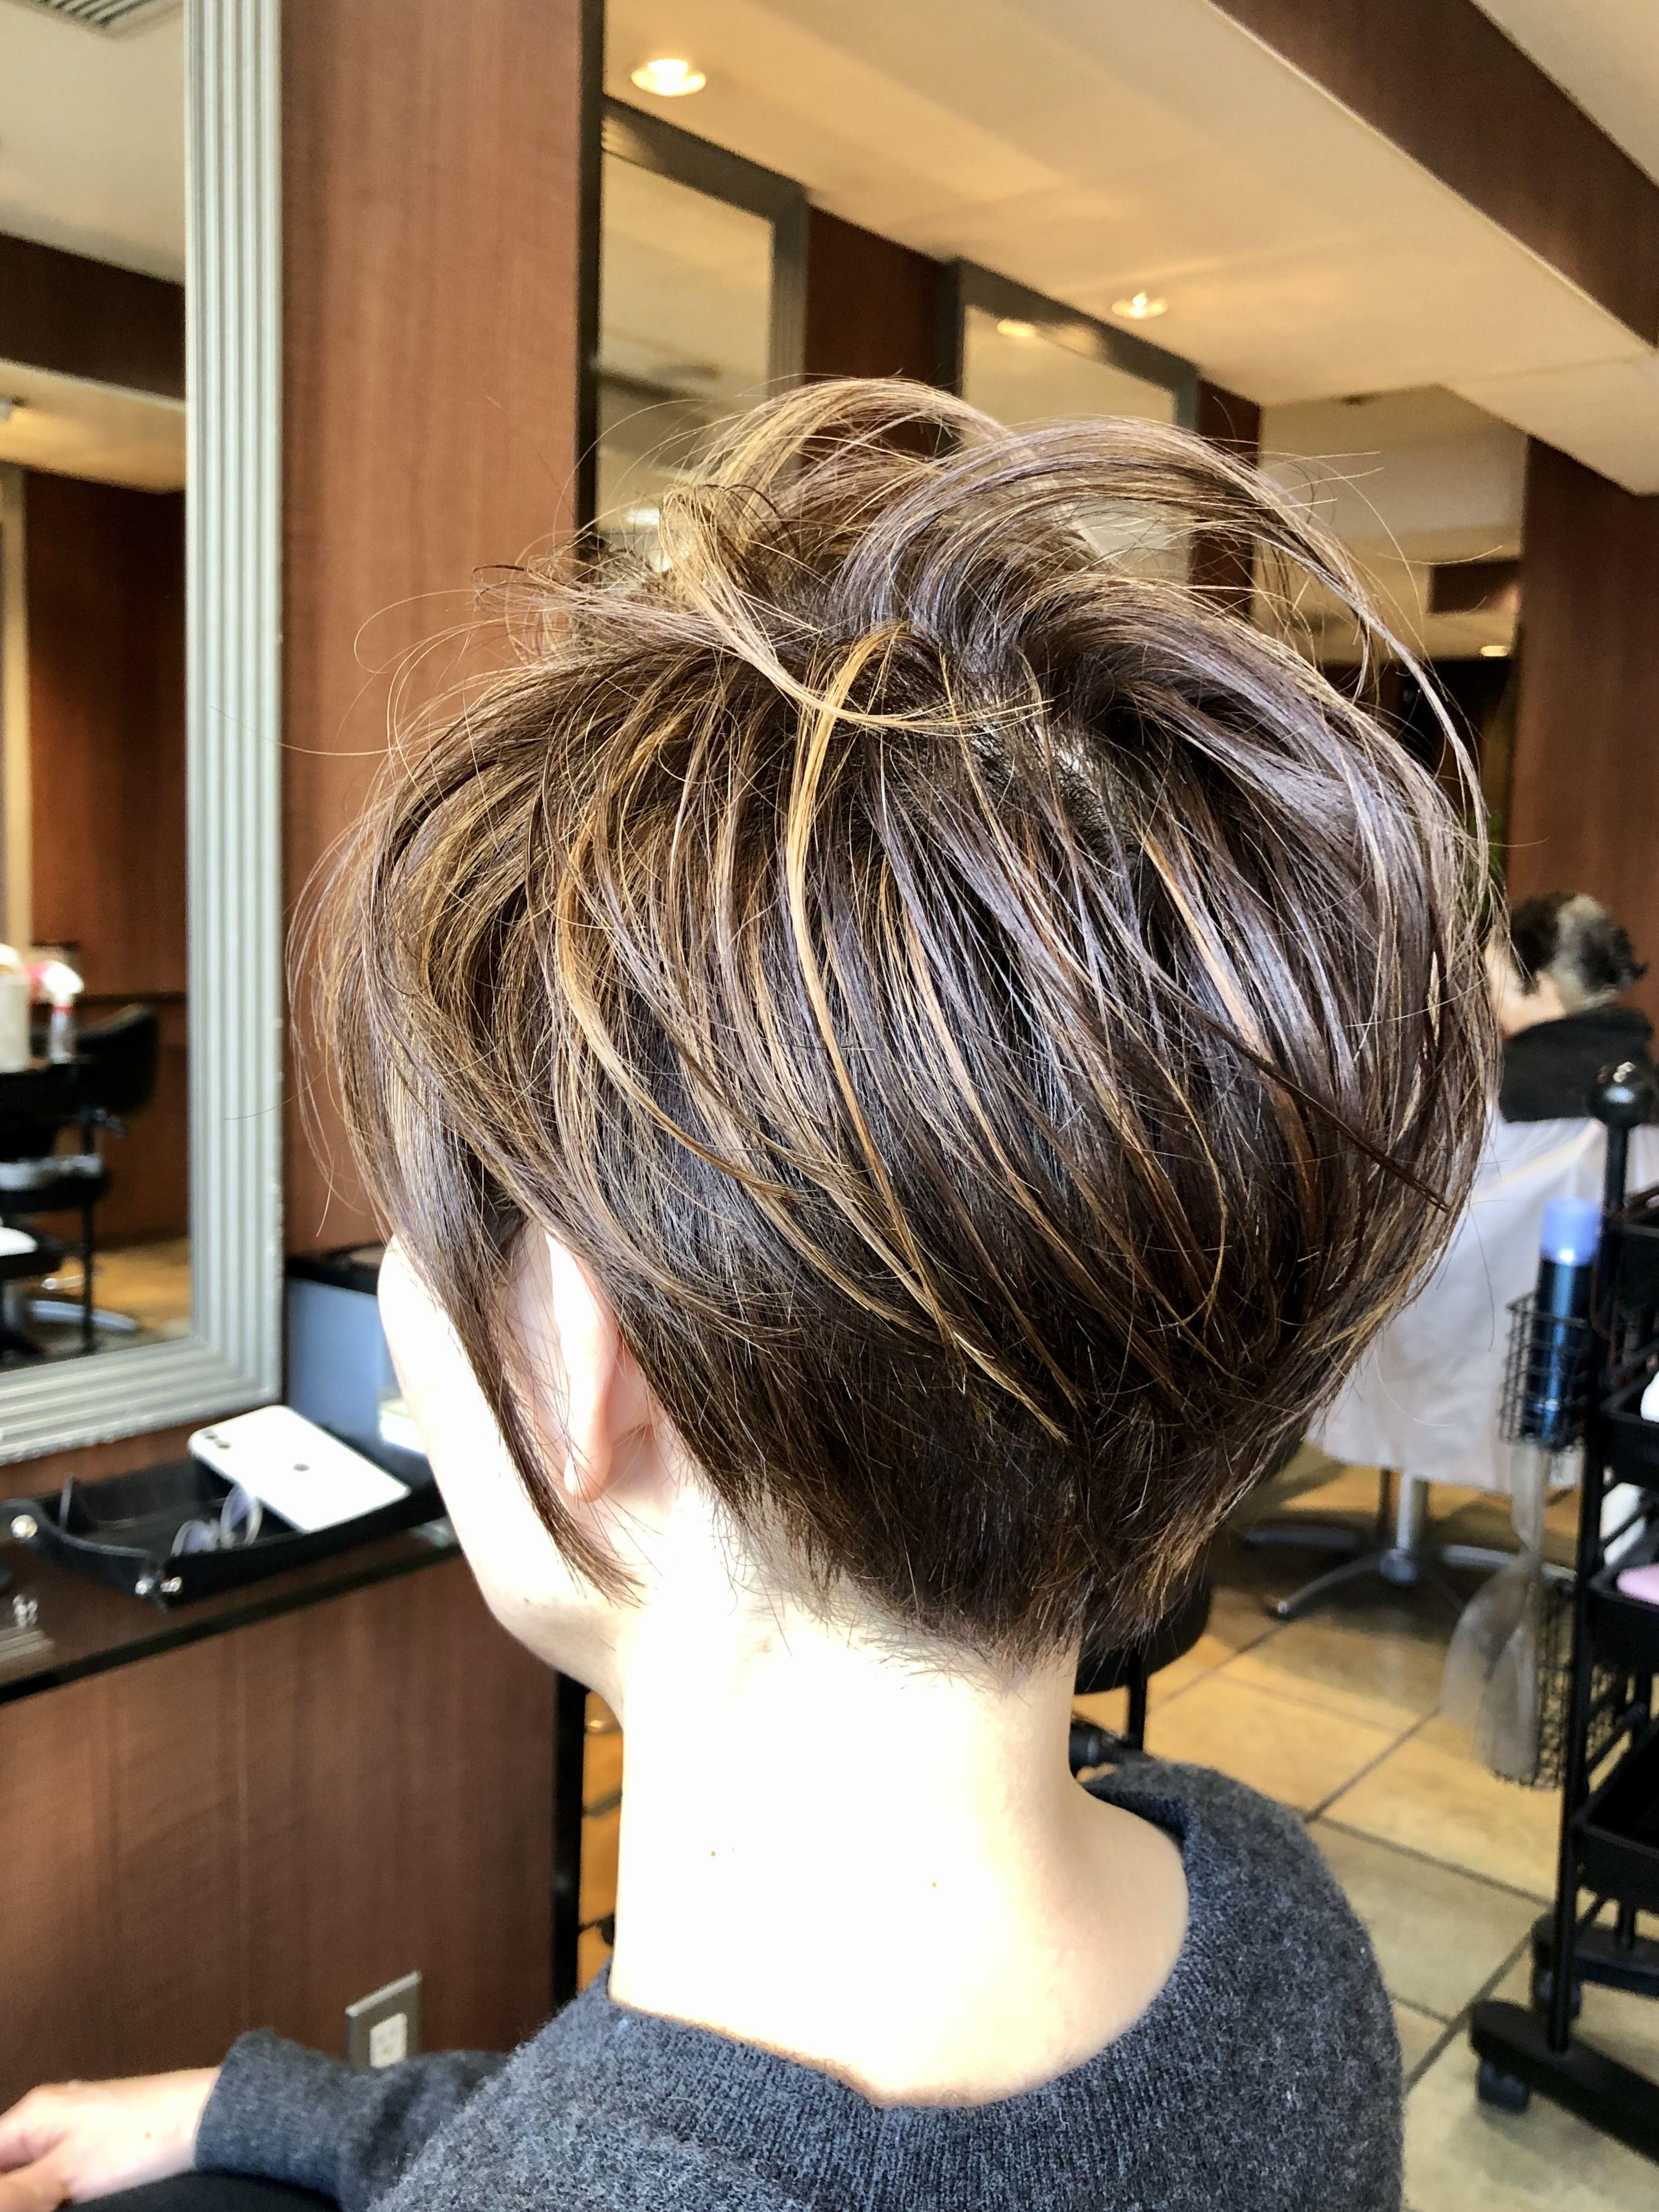 Photo of 表参道美容室 40代50代60代ヘアスタイル・髪型カタログ 「40代50代60代ヘアスタイル髪型。50代髪型。50代ショート。」